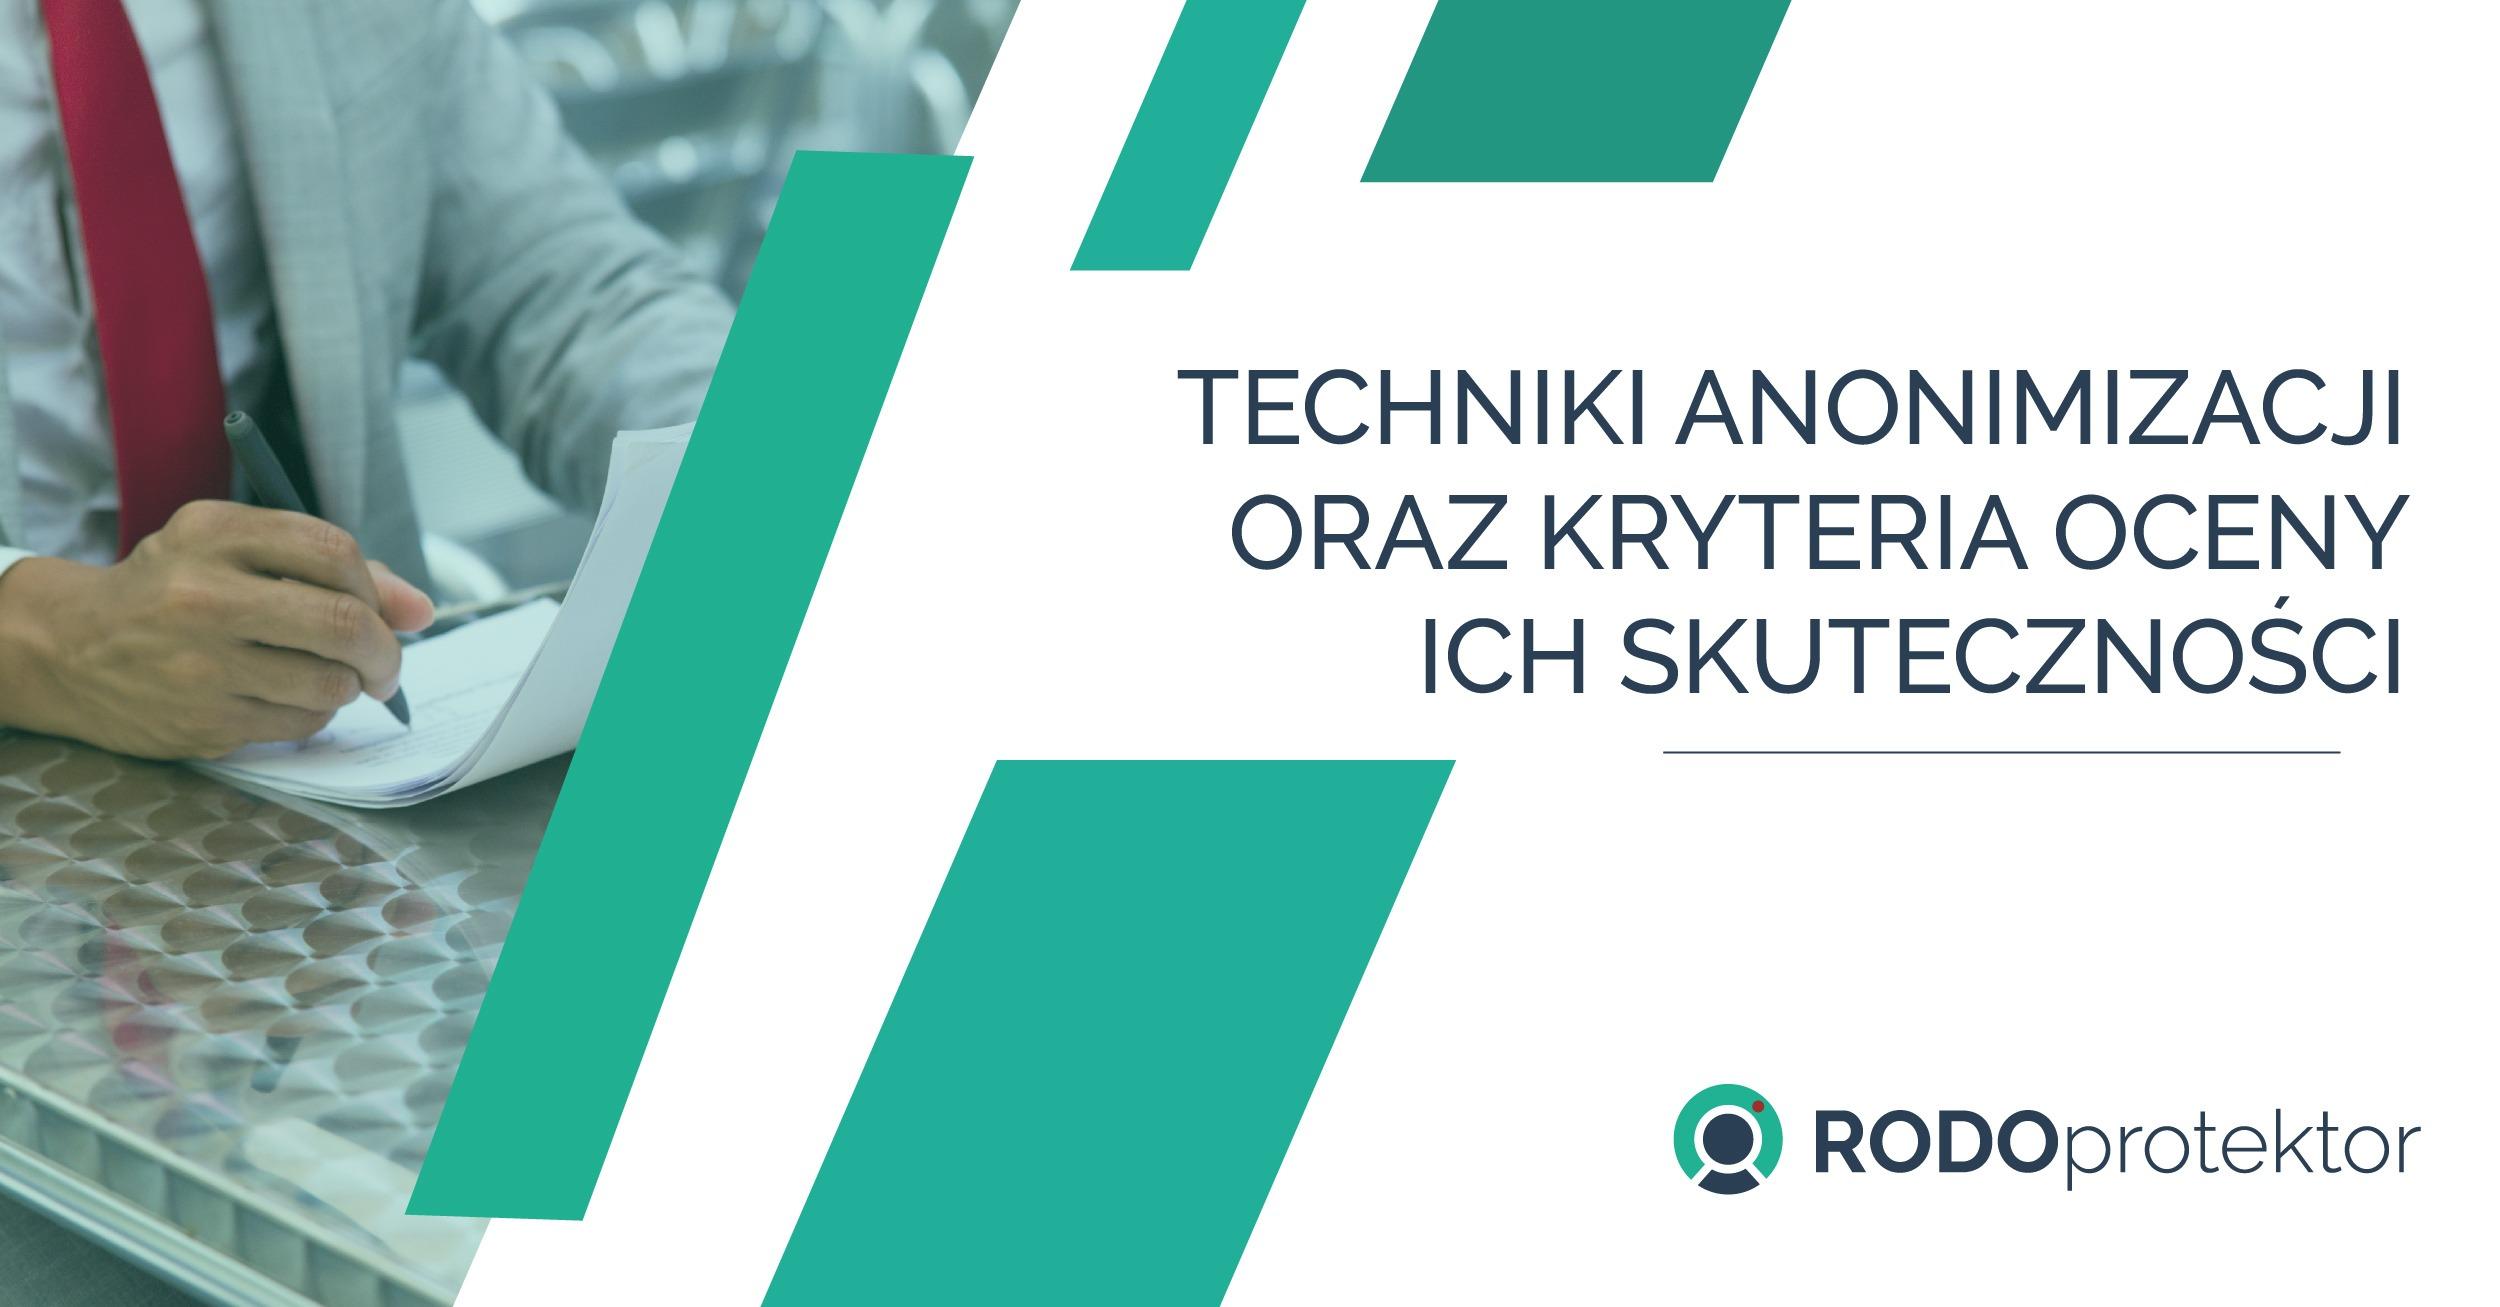 RODOprotektor Techniki anonimizacji oraz kryteria oceny skuteczności anonimizacji danych